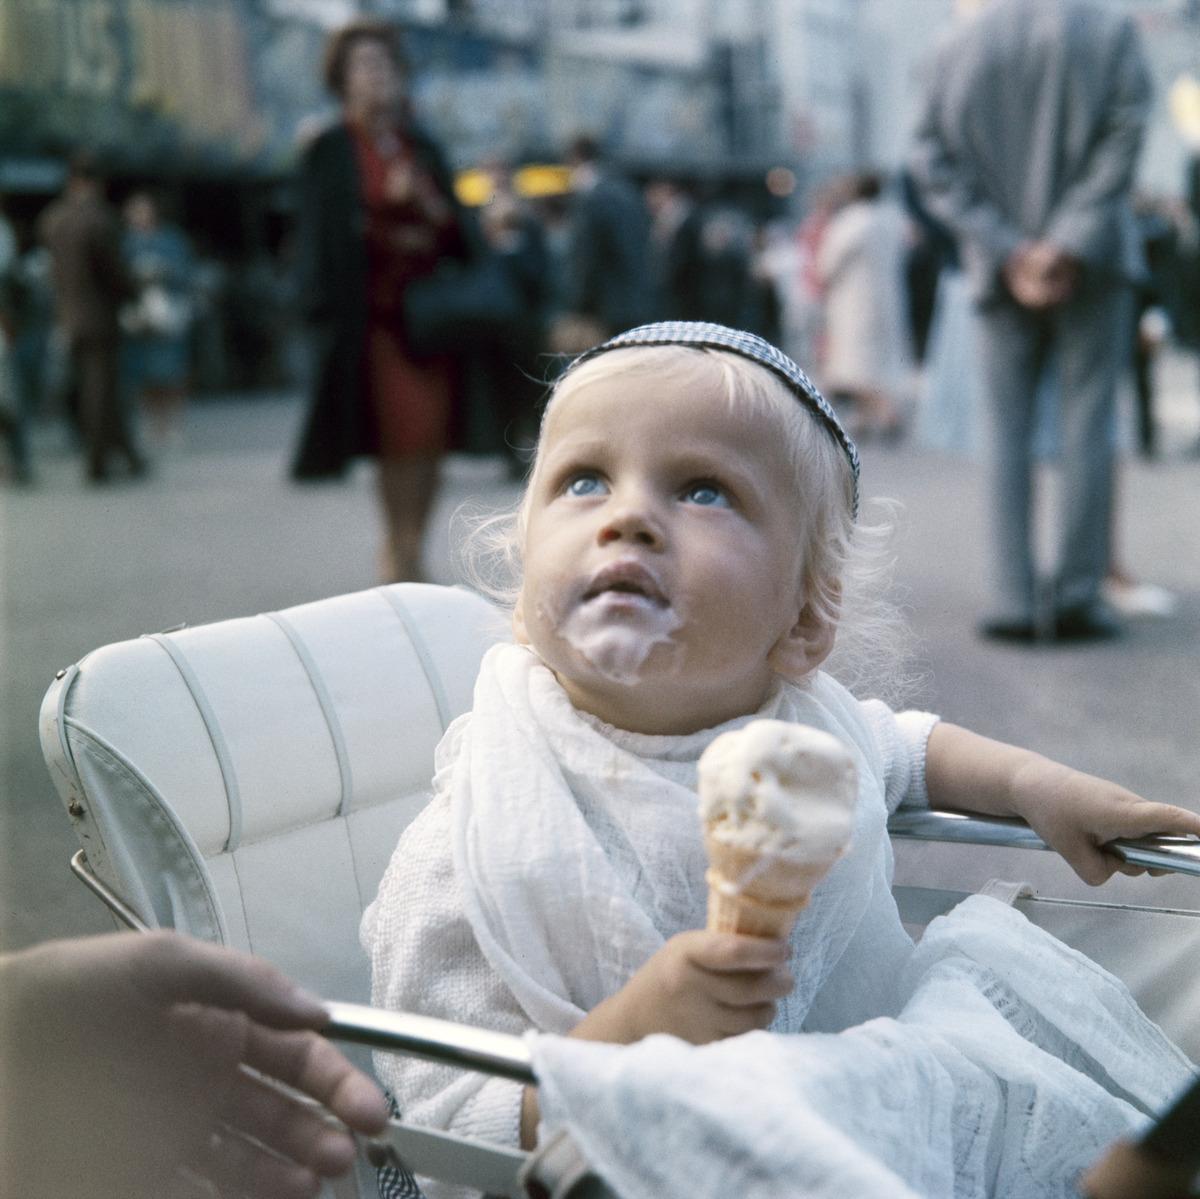 Pikkupoika syö jäätelöä lastenvaunuissa Linnanmäellä.